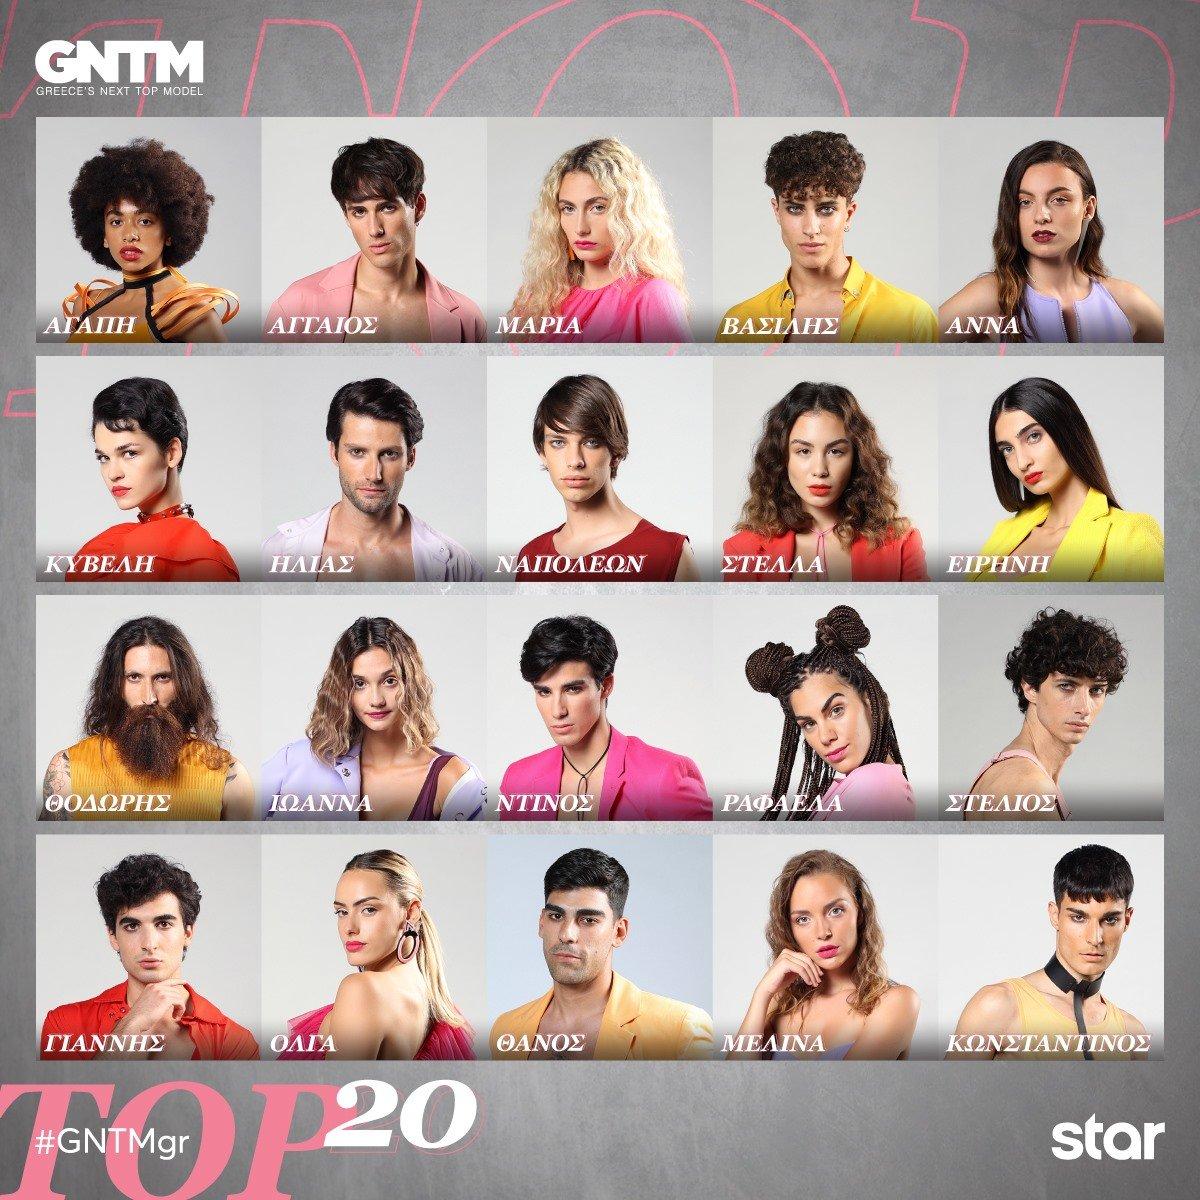 GNTM 4 – Καυτό concept για τους διαγωνιζόμενους!